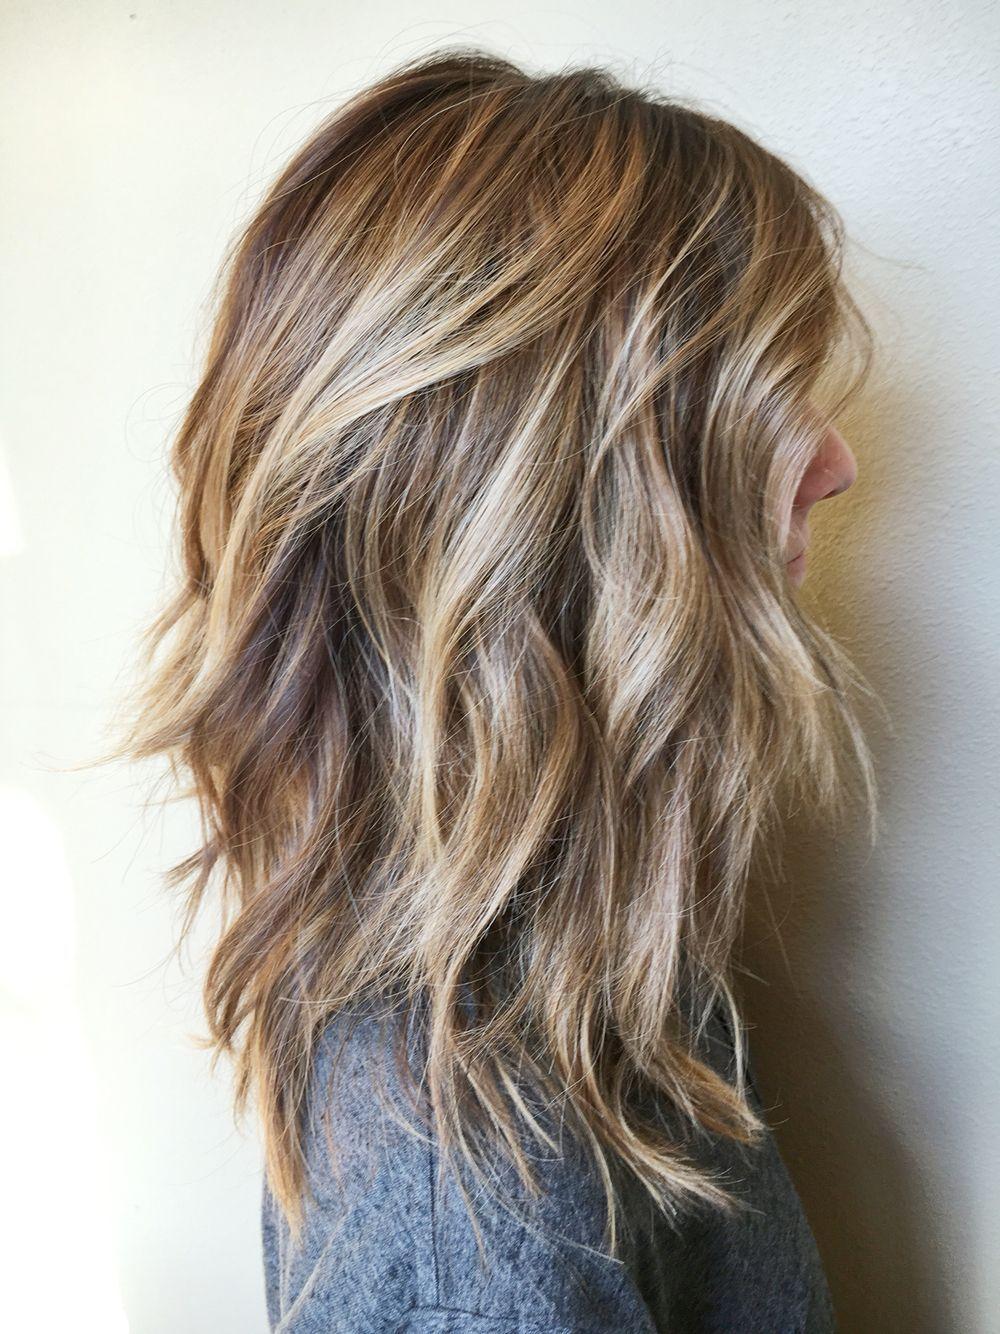 Ffbffaaeffeddbg pixels hair ideas